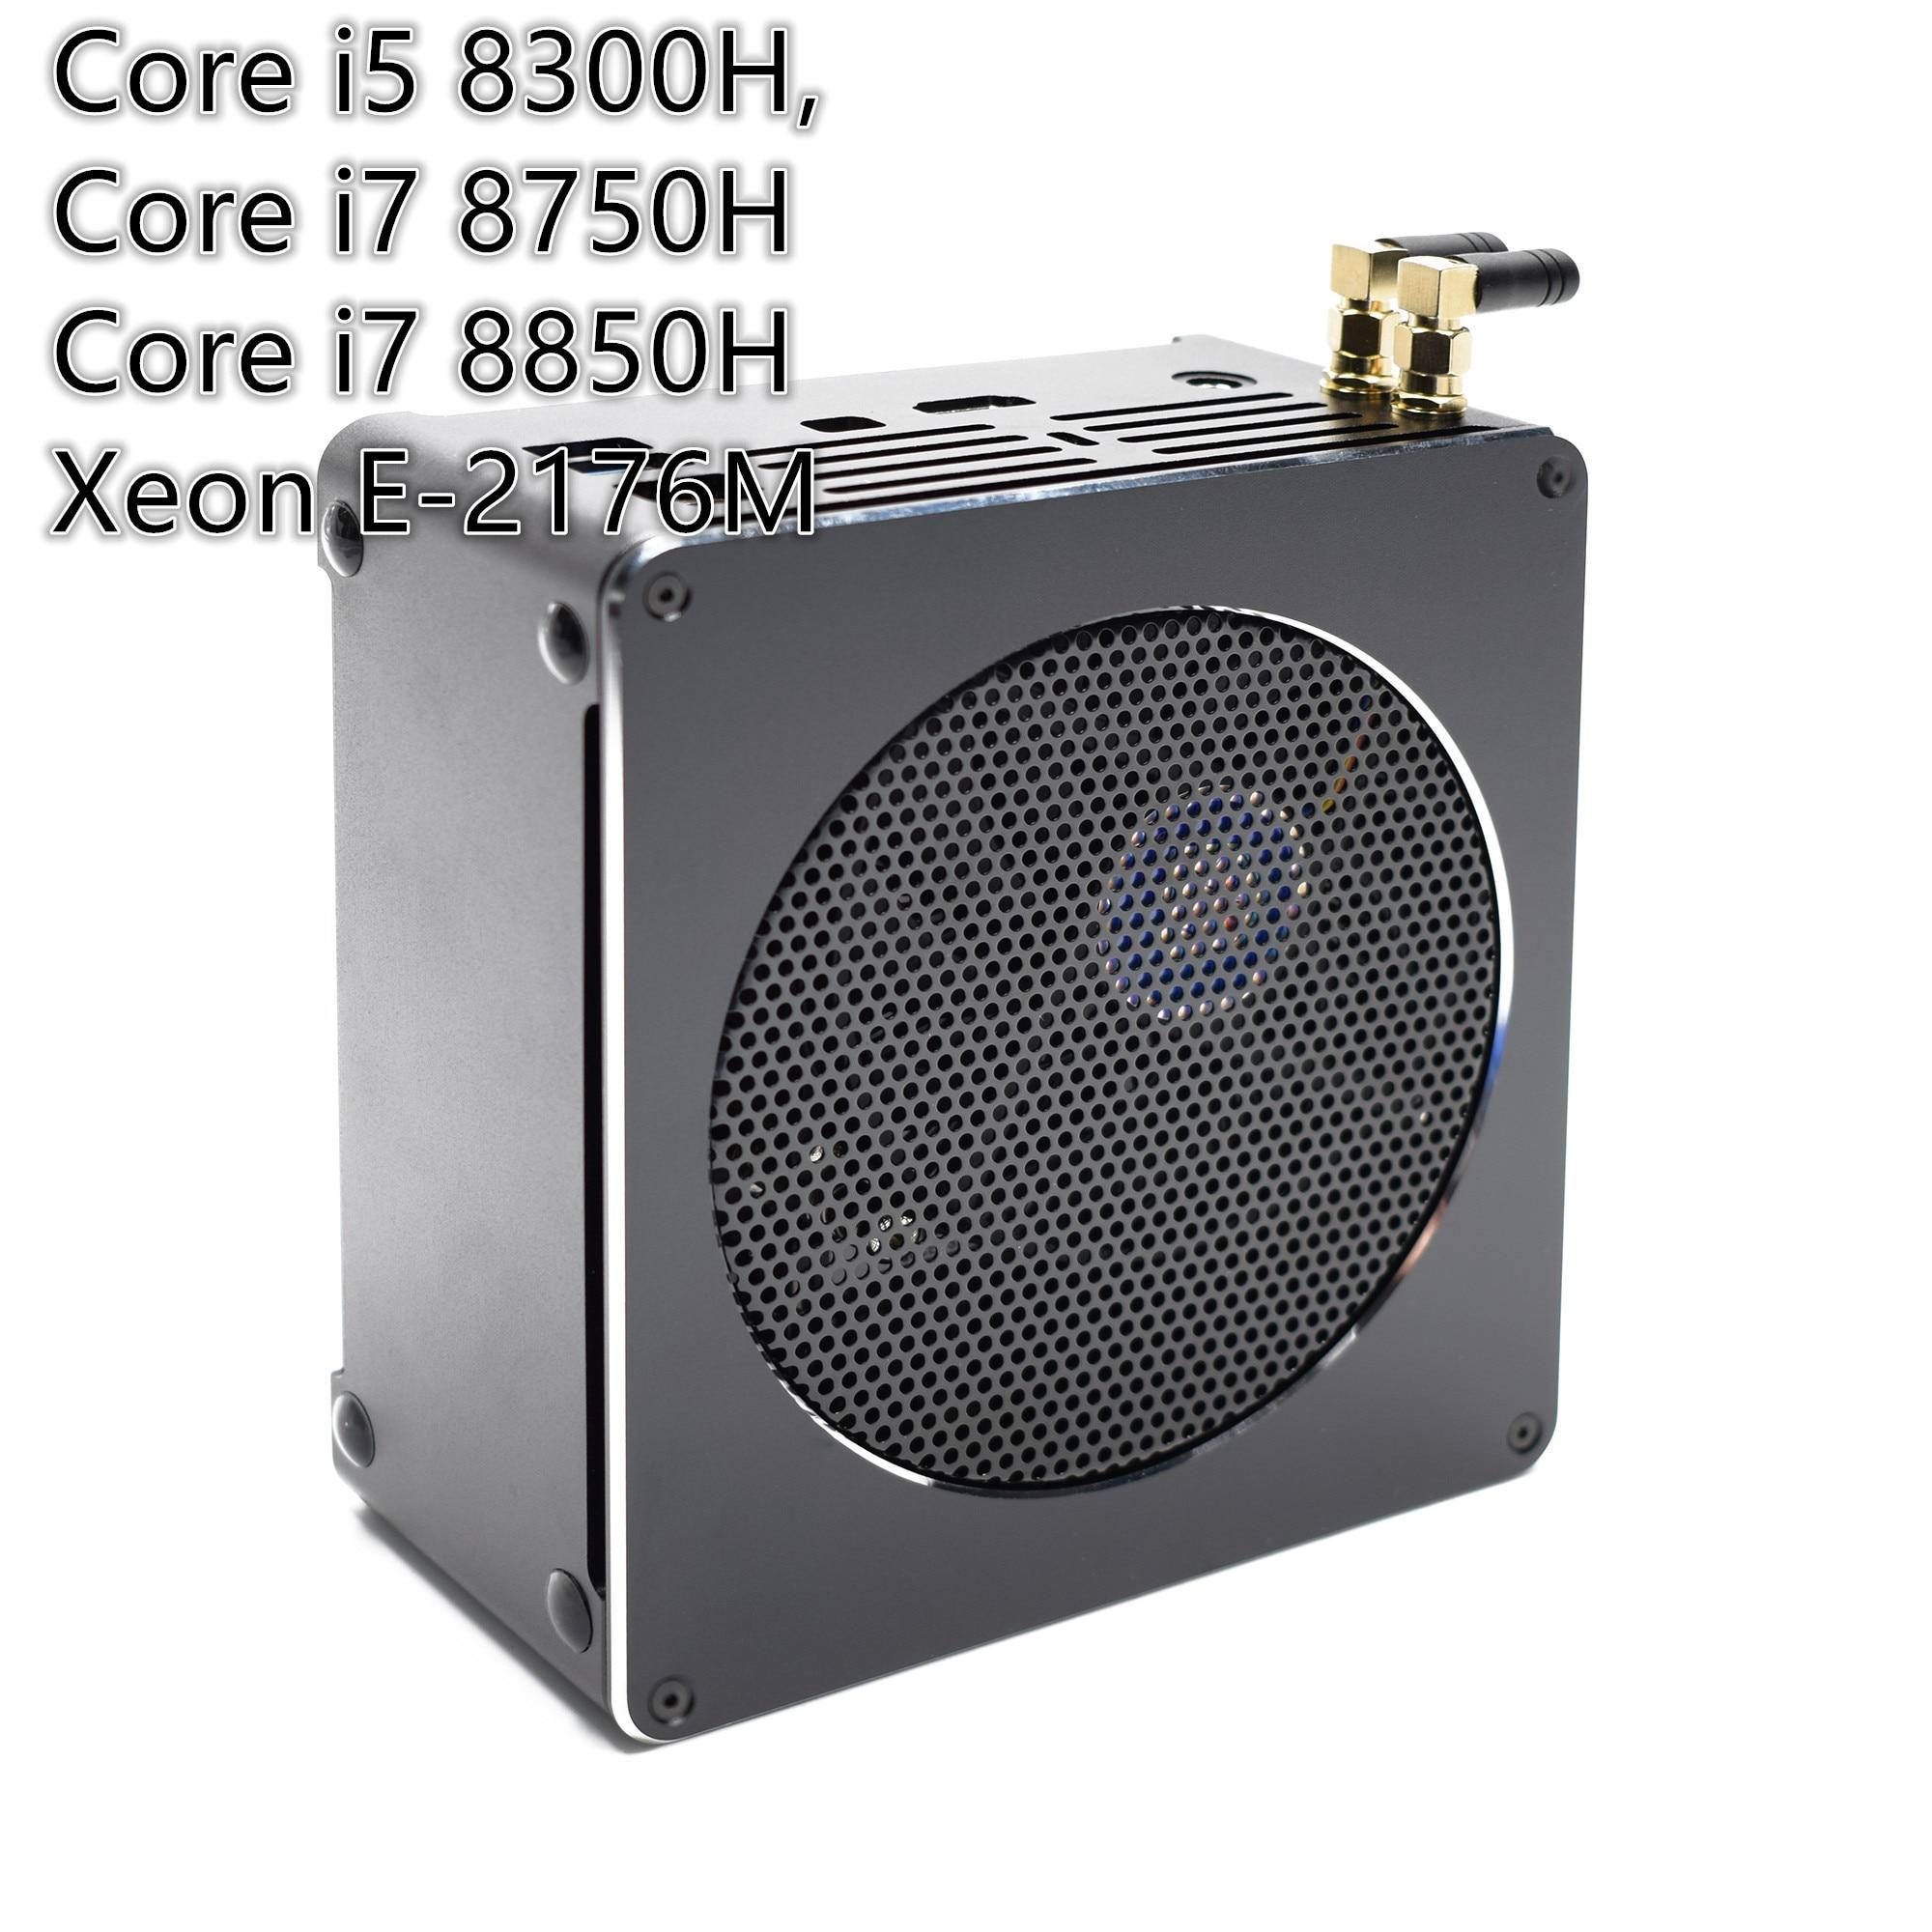 De alta calidad de juego de Mini PC i7 8750H/8850H I5 8300H E3-1505M 6 Core 12 hilos 64GB DDR4 con AC Wifi Win10 Pro computadora